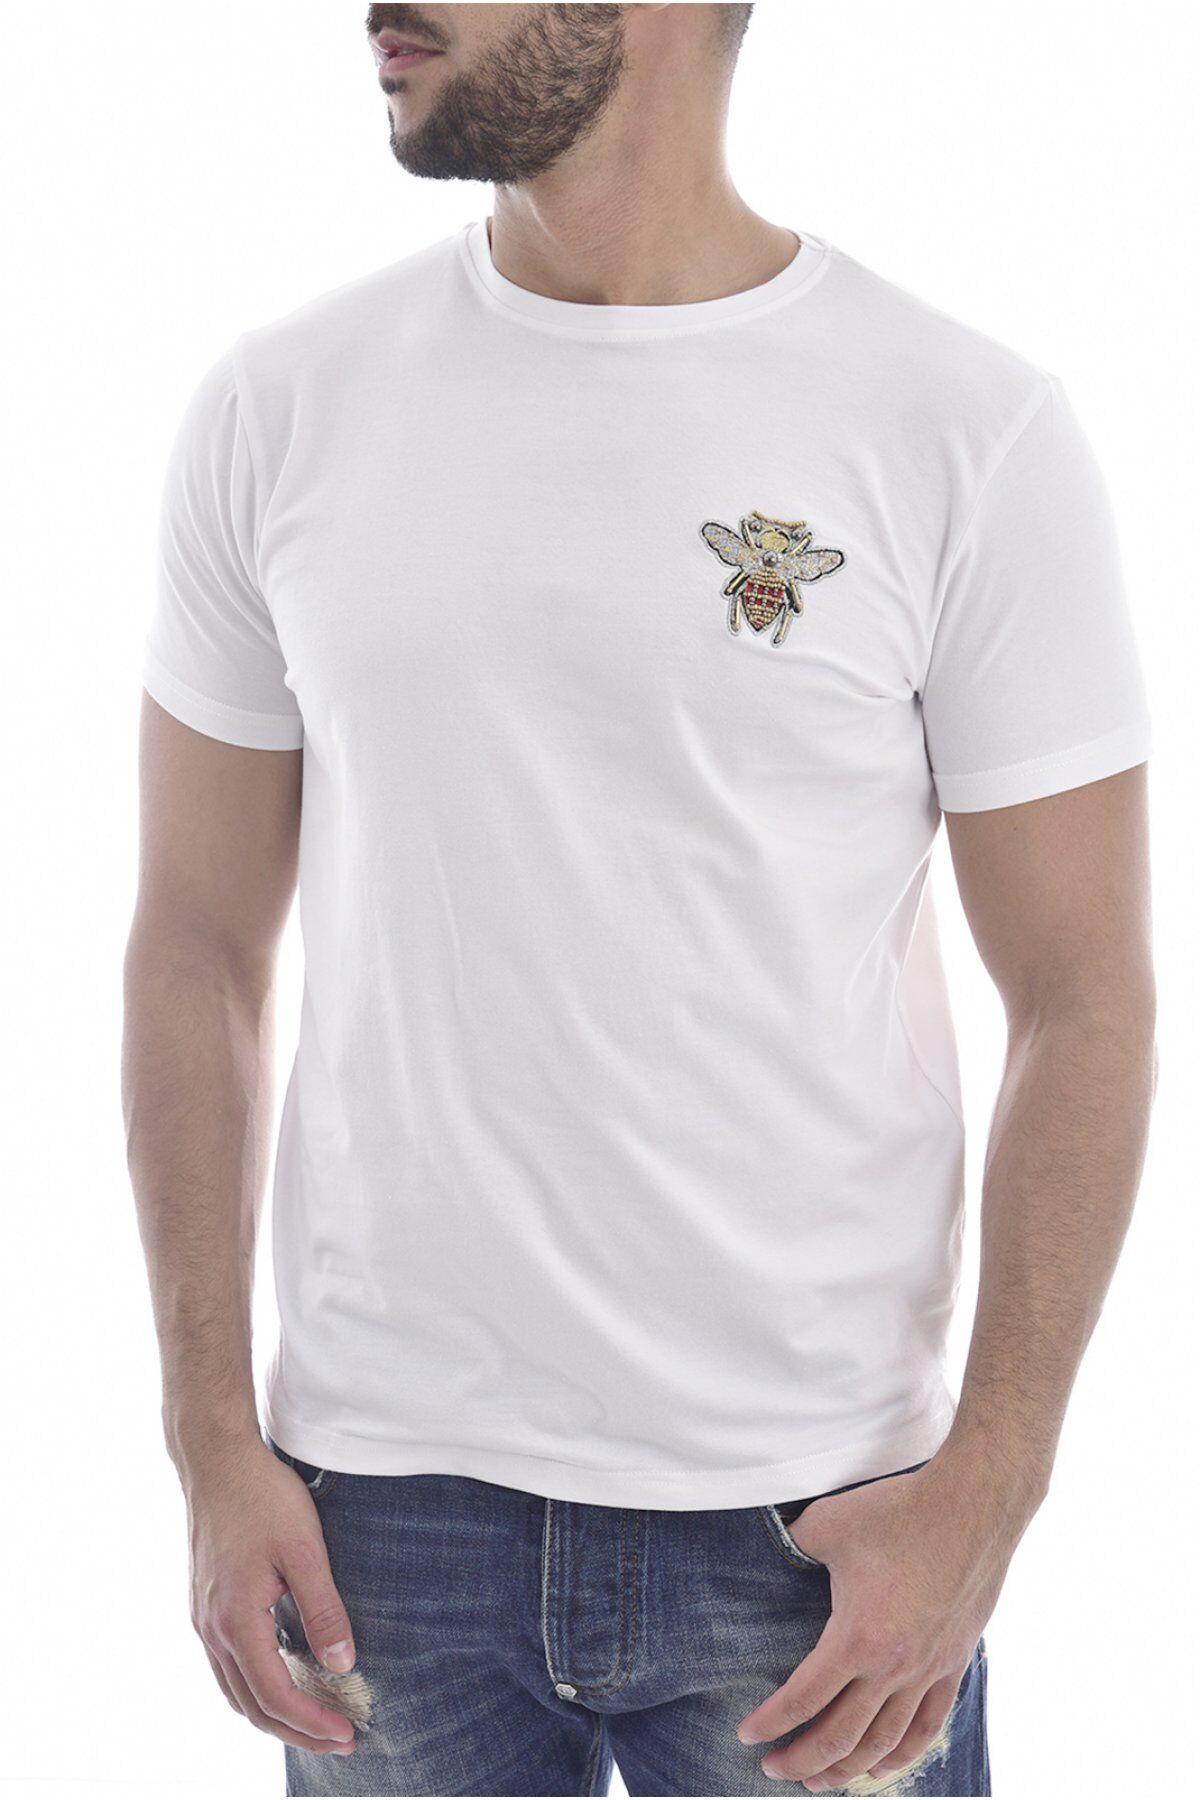 Hite couture Tee Shirt Stretch Muzita  -  Hite Couture